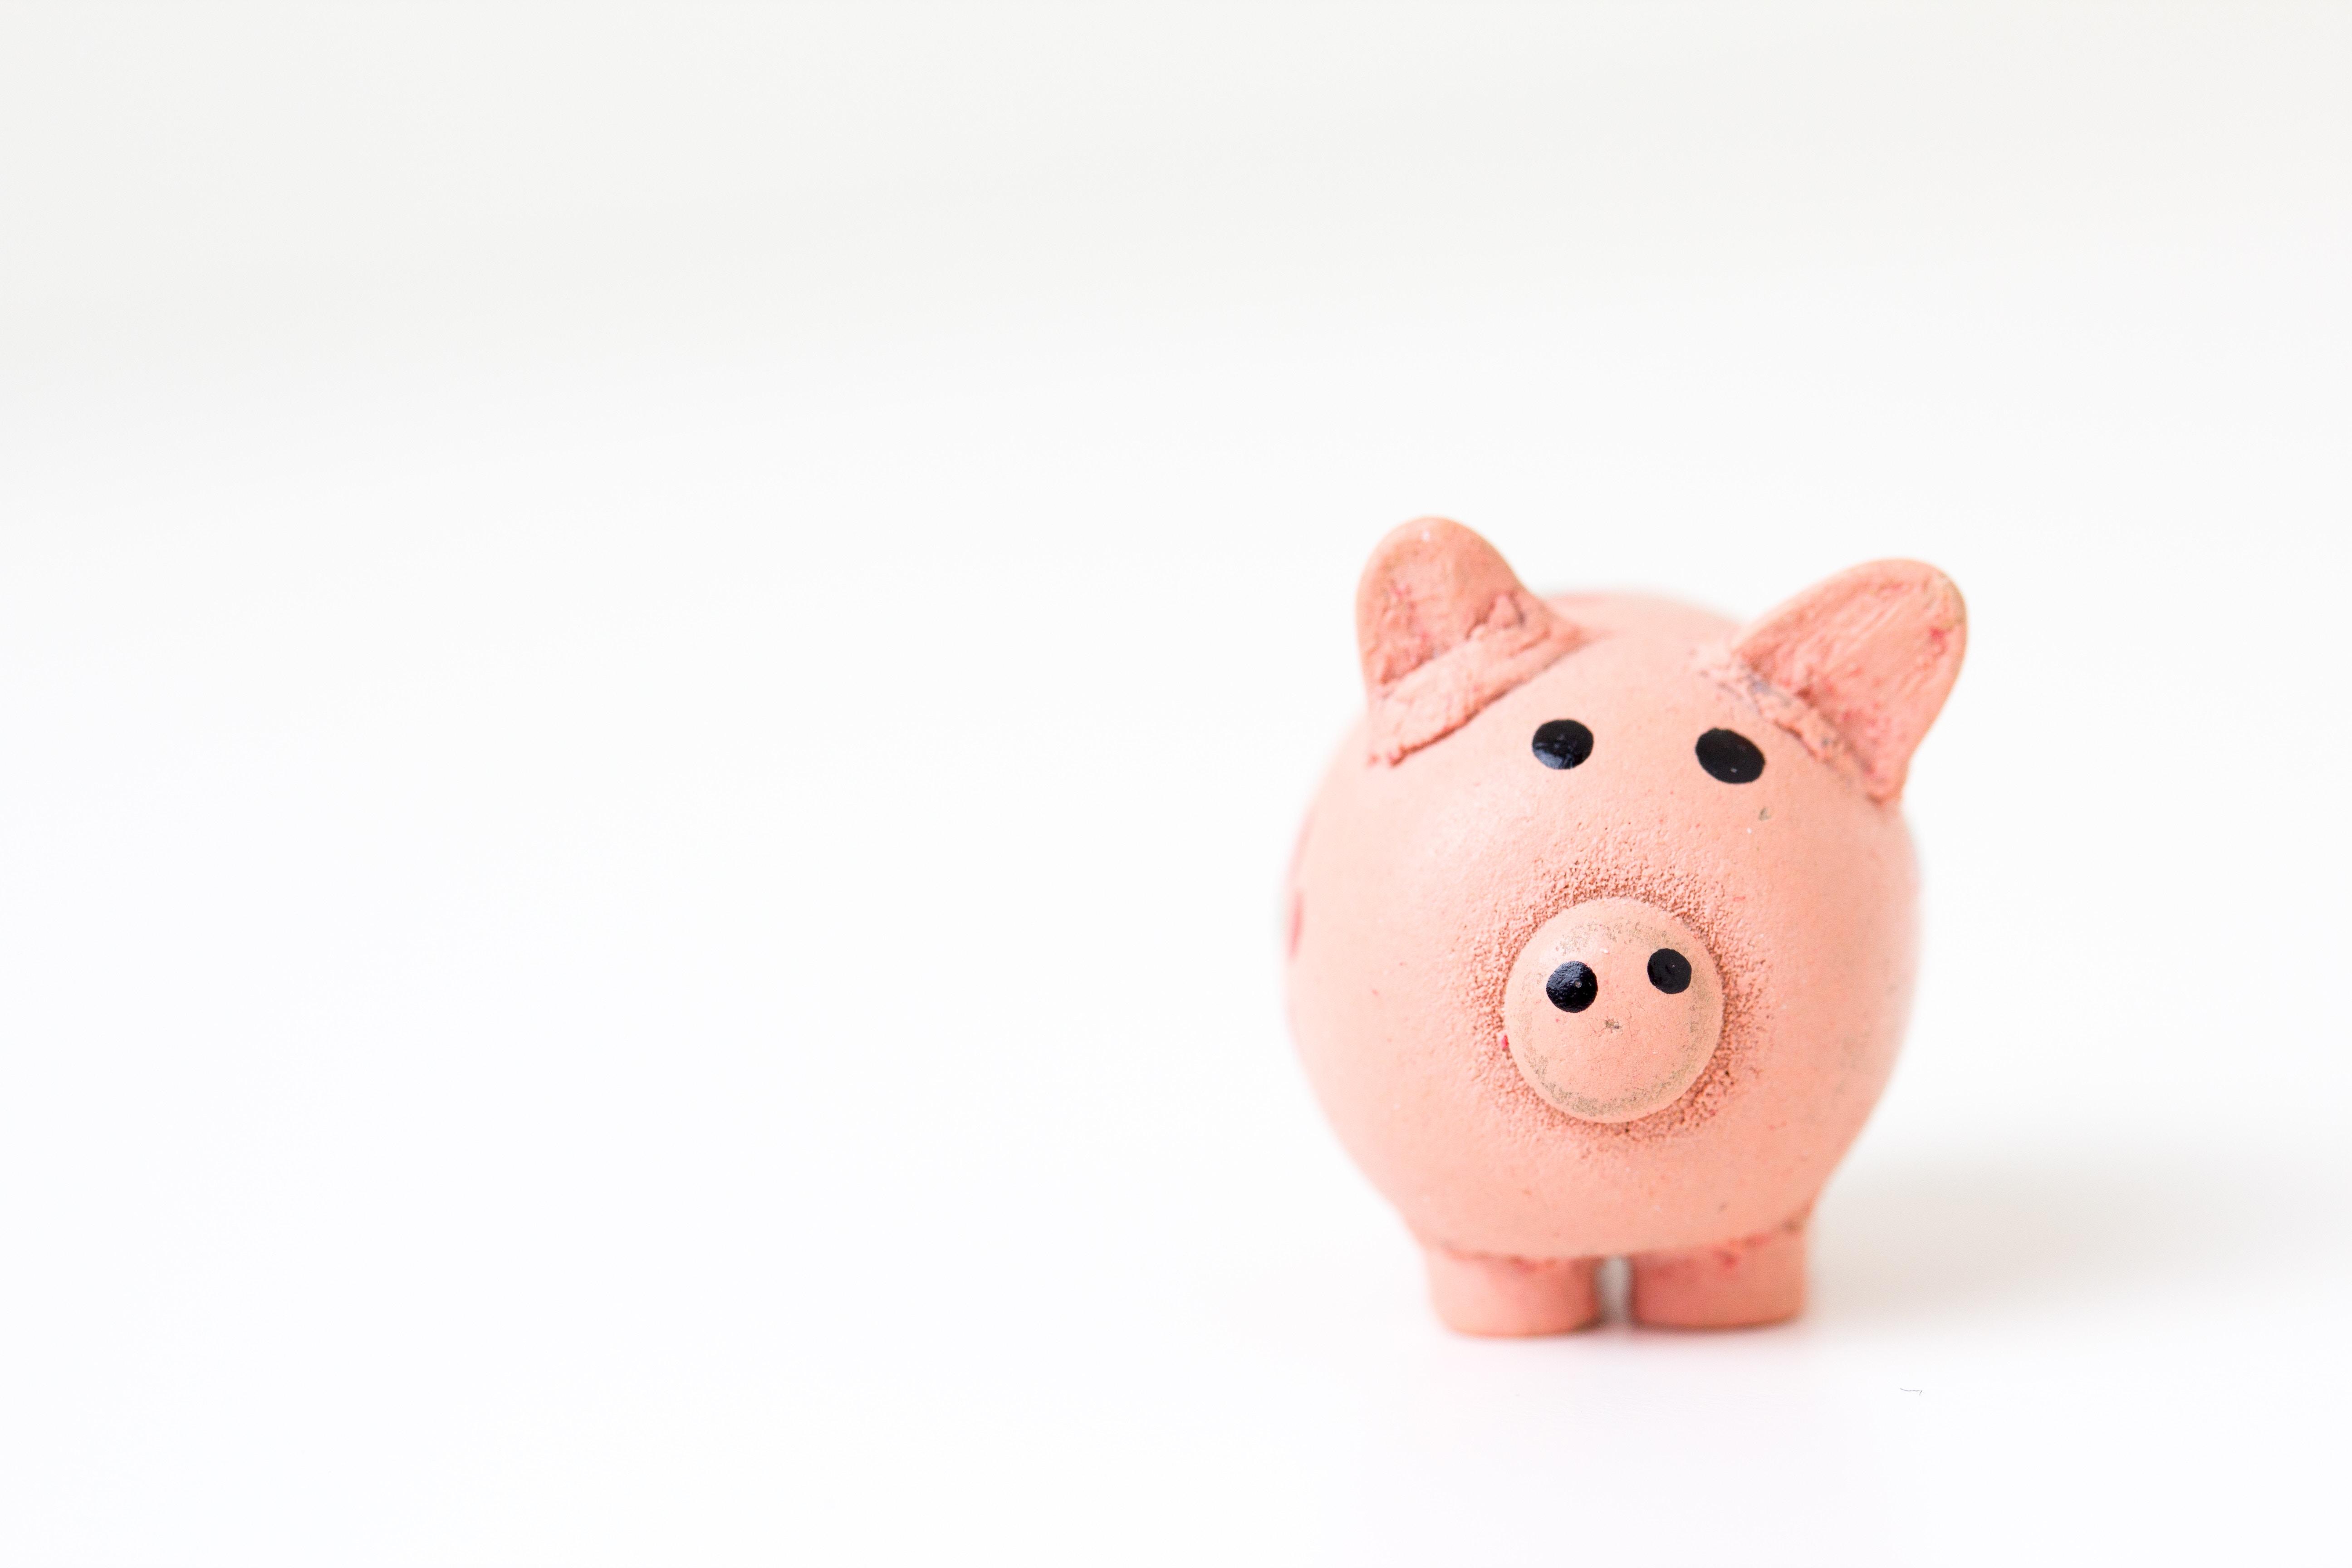 Zzp'ers gaan vanaf 2021 minimaal 16 euro per uur verdienen